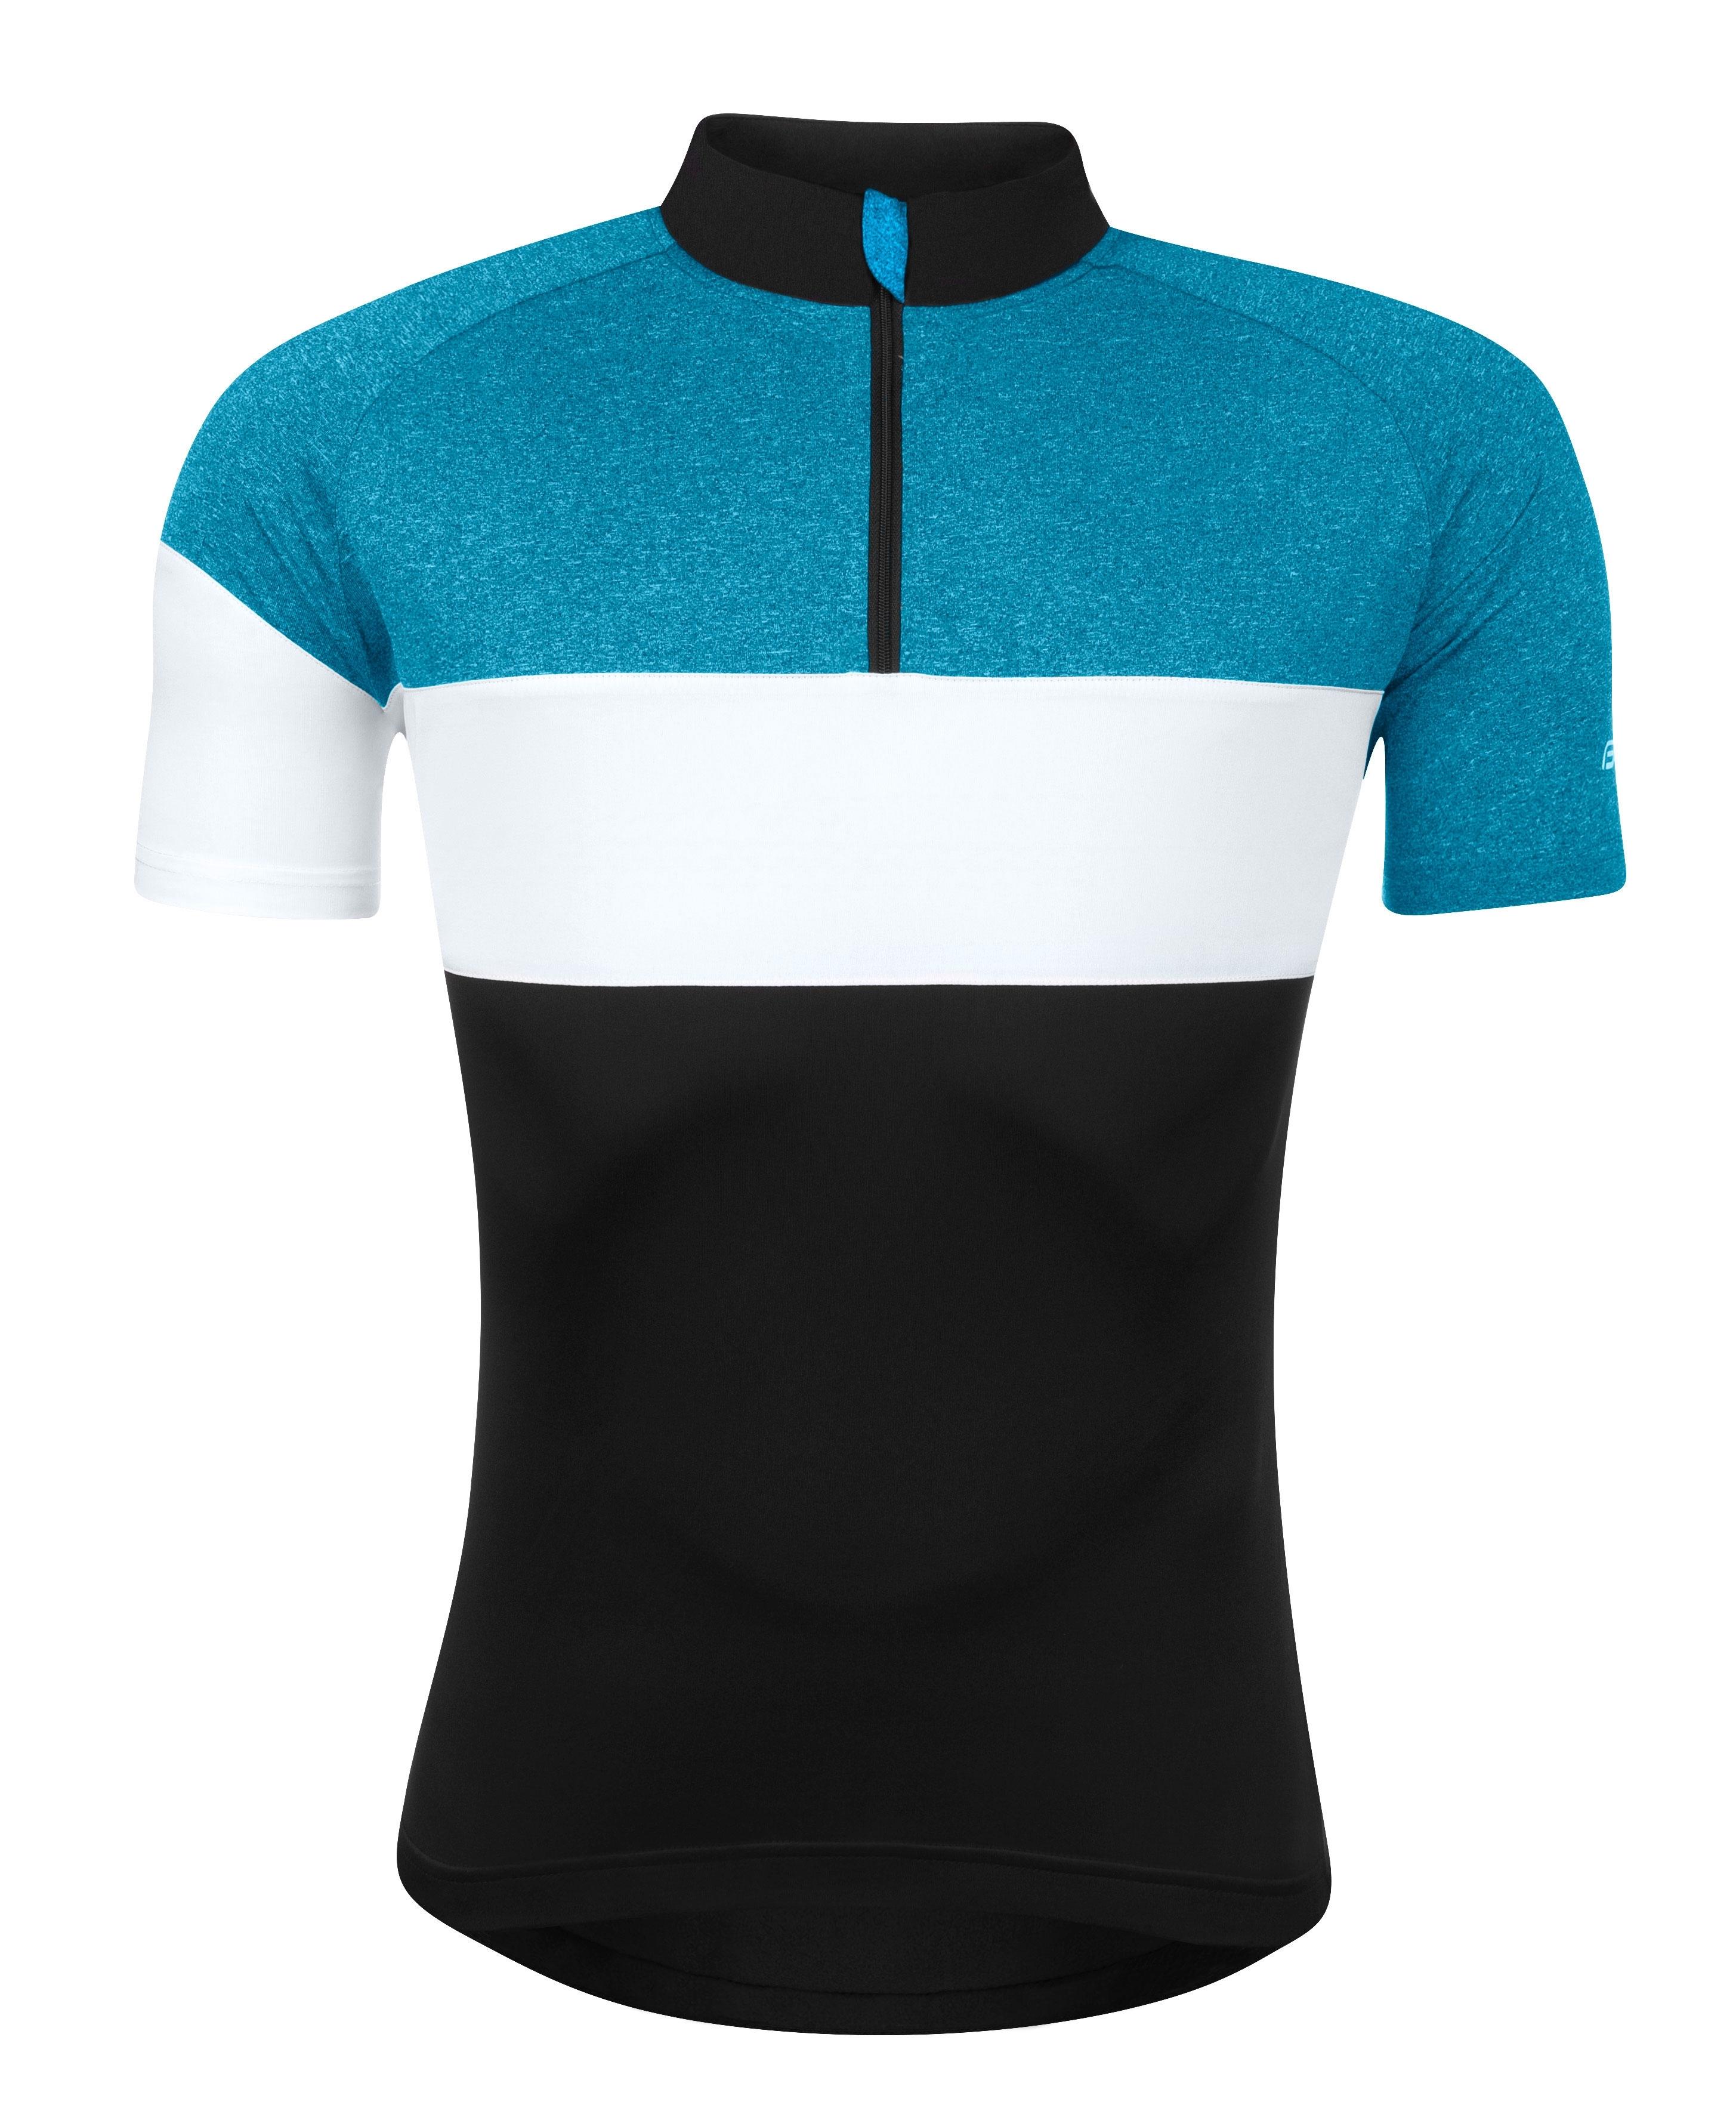 dres FORCE VIEW krátký rukáv,černo-modro-bílý M